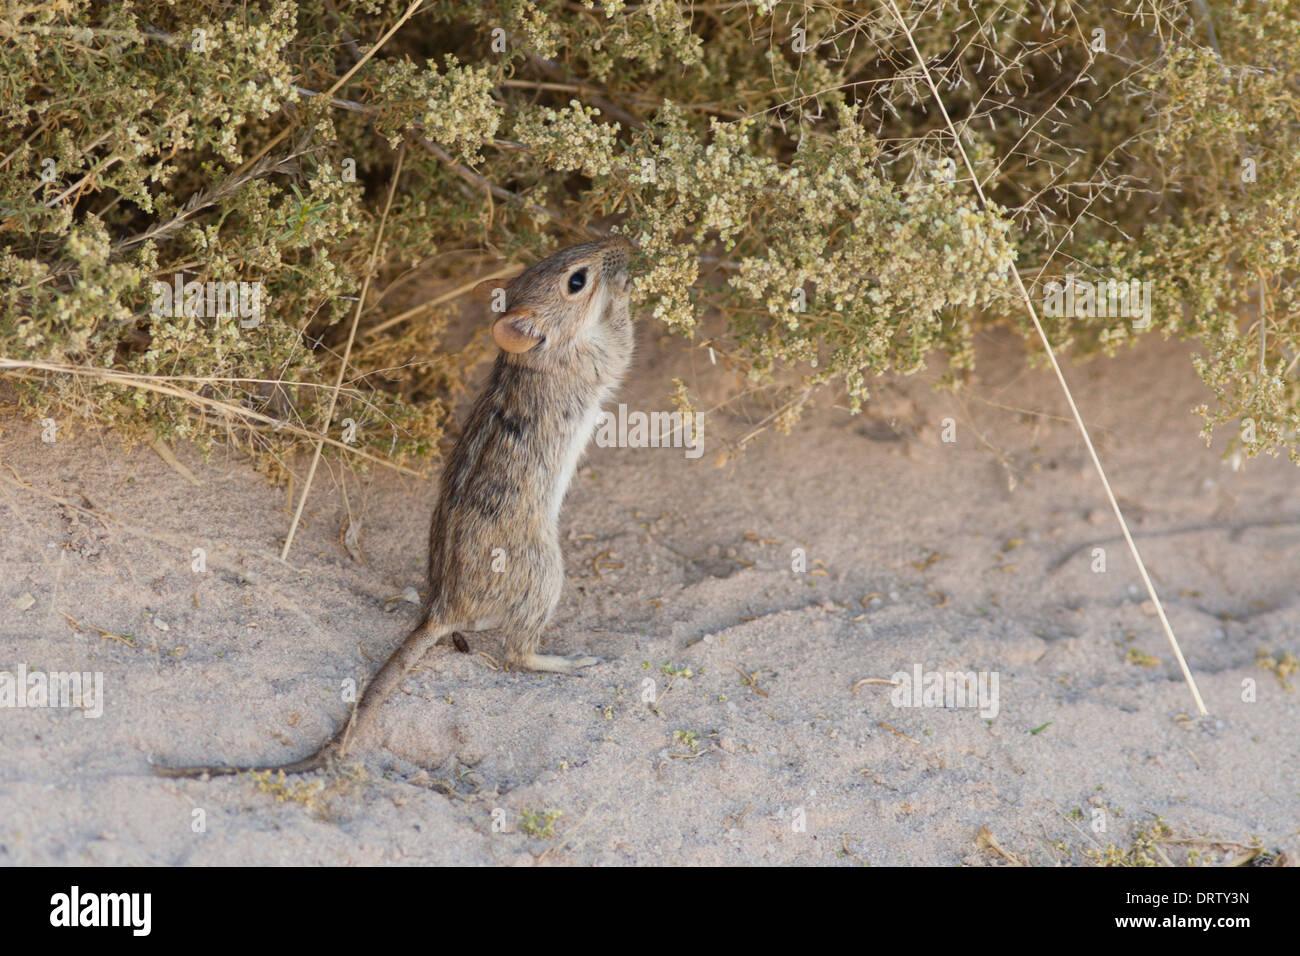 Whistling Rat feeding in the Kalahari desert - Stock Image